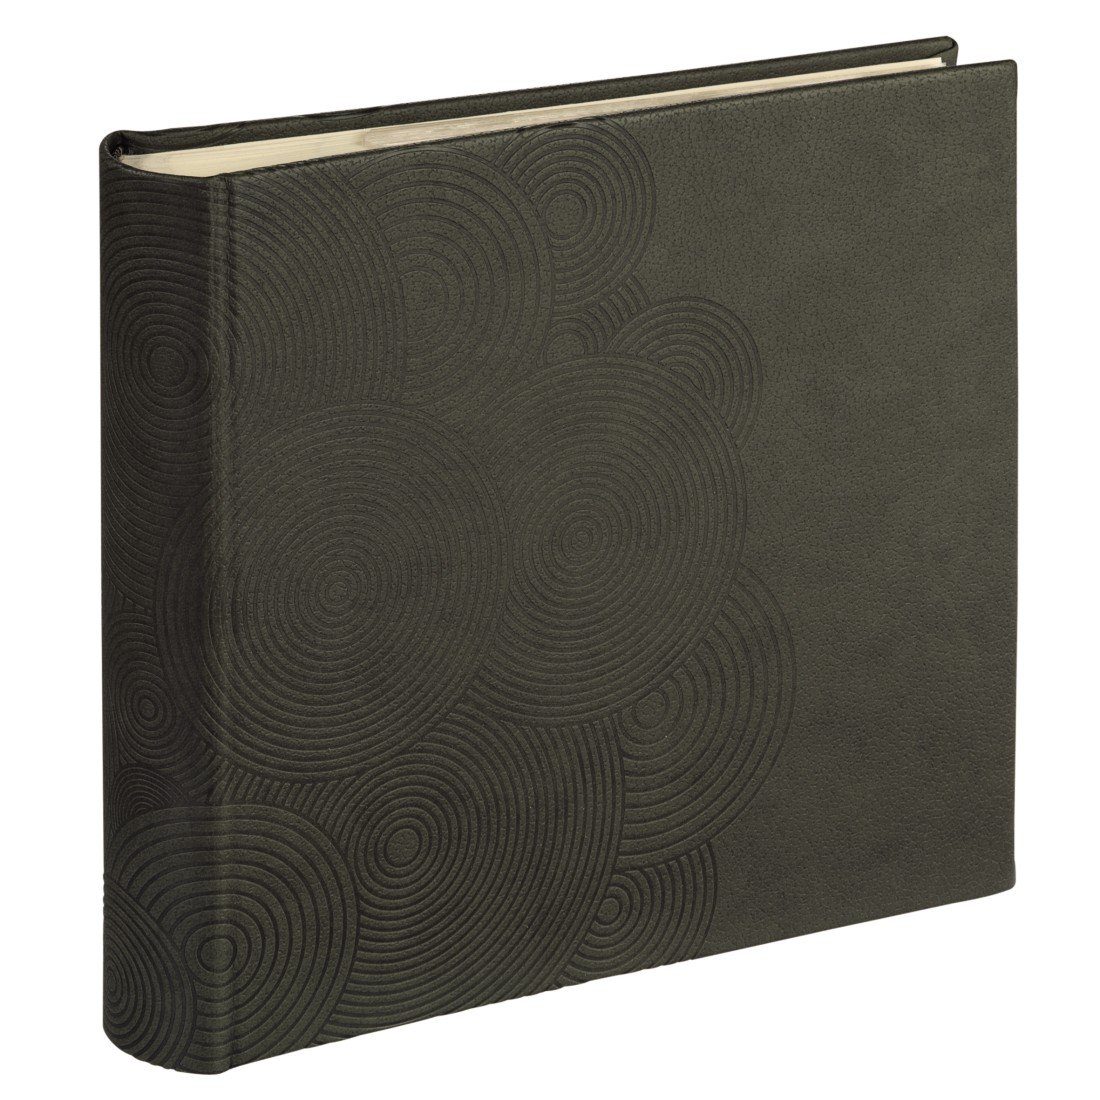 Hama Voga - Álbum de fotos (10 x 15 cm, 100 páginas, para un máximo de 200 fotos)   Revisión del cliente y la descripción más